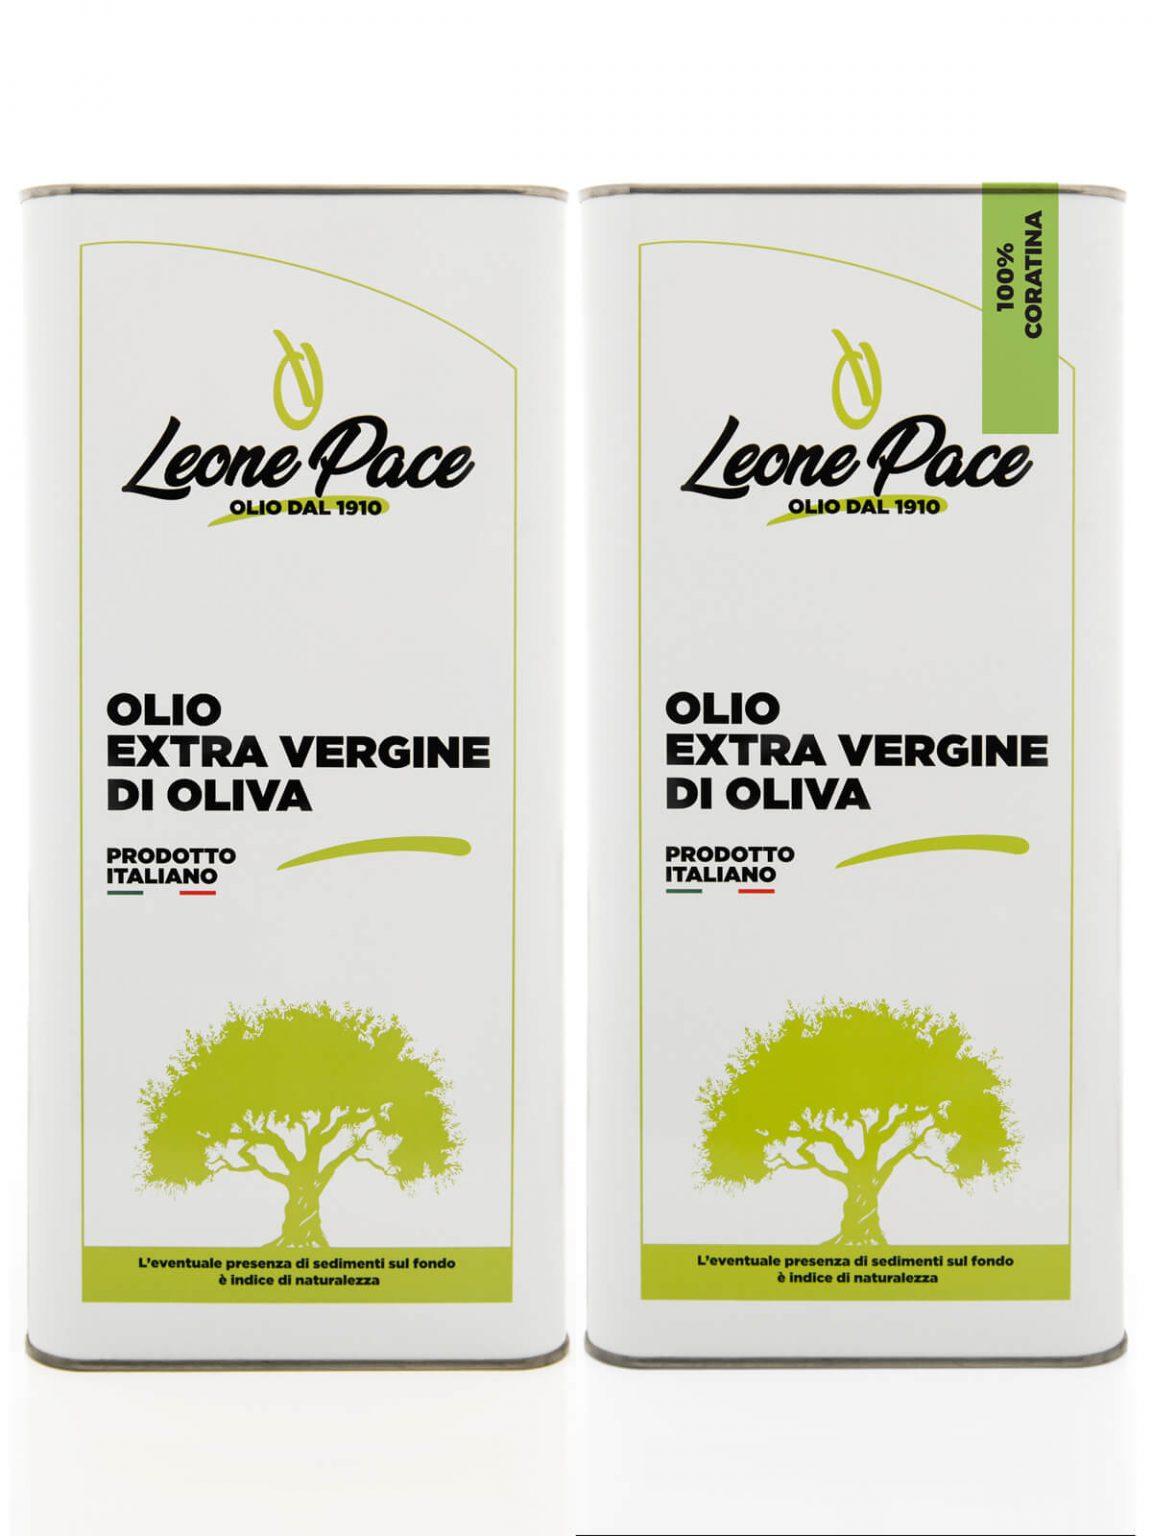 Olio EVO sapore leggero e intenso 10 lt - 2 Lattine da 5 lt - Frantoio Leone Pace - Olio dal 1910 - Frantoio Pace